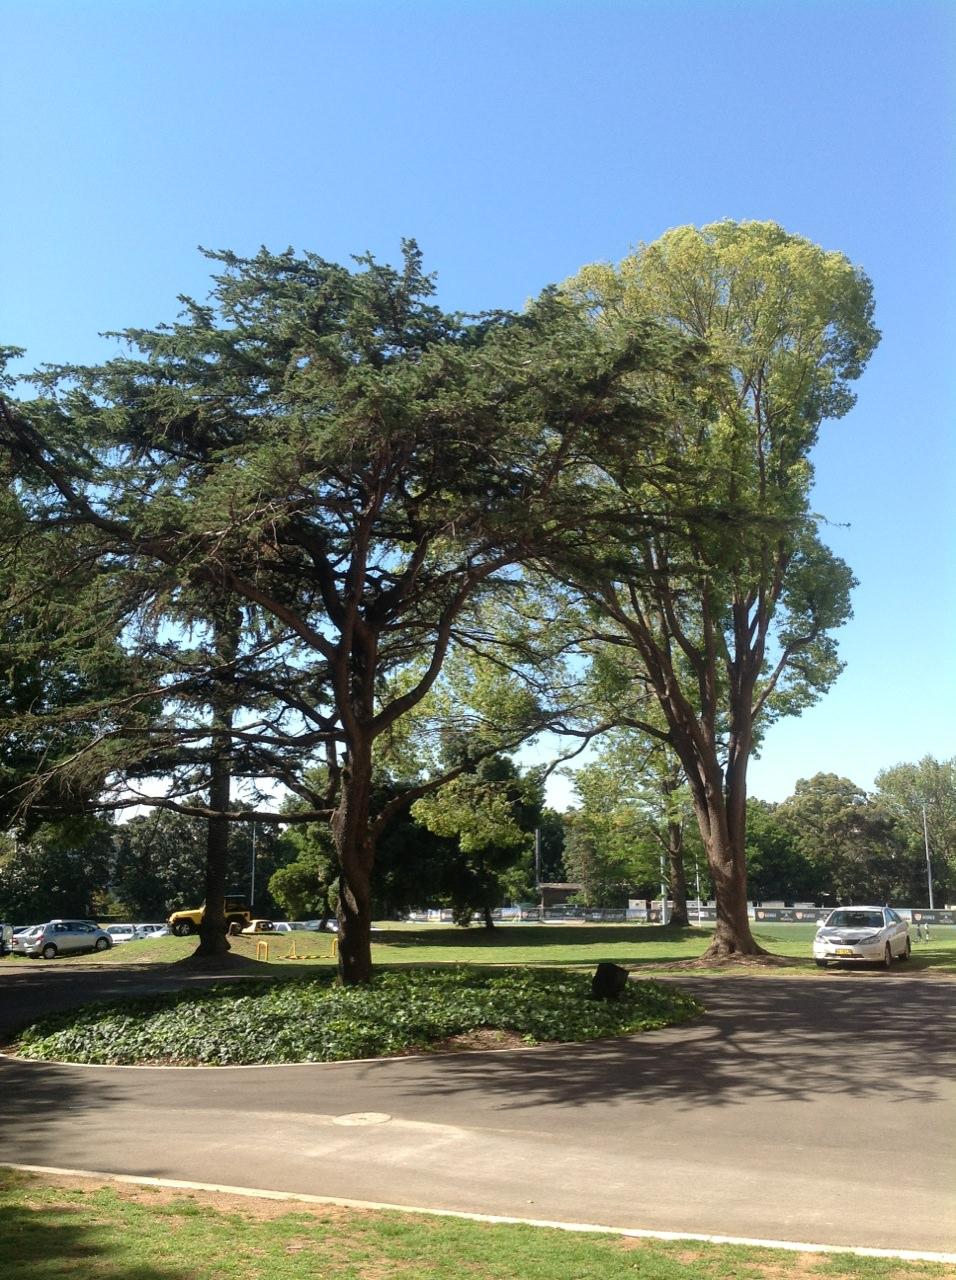 Pine and Campor Laurel